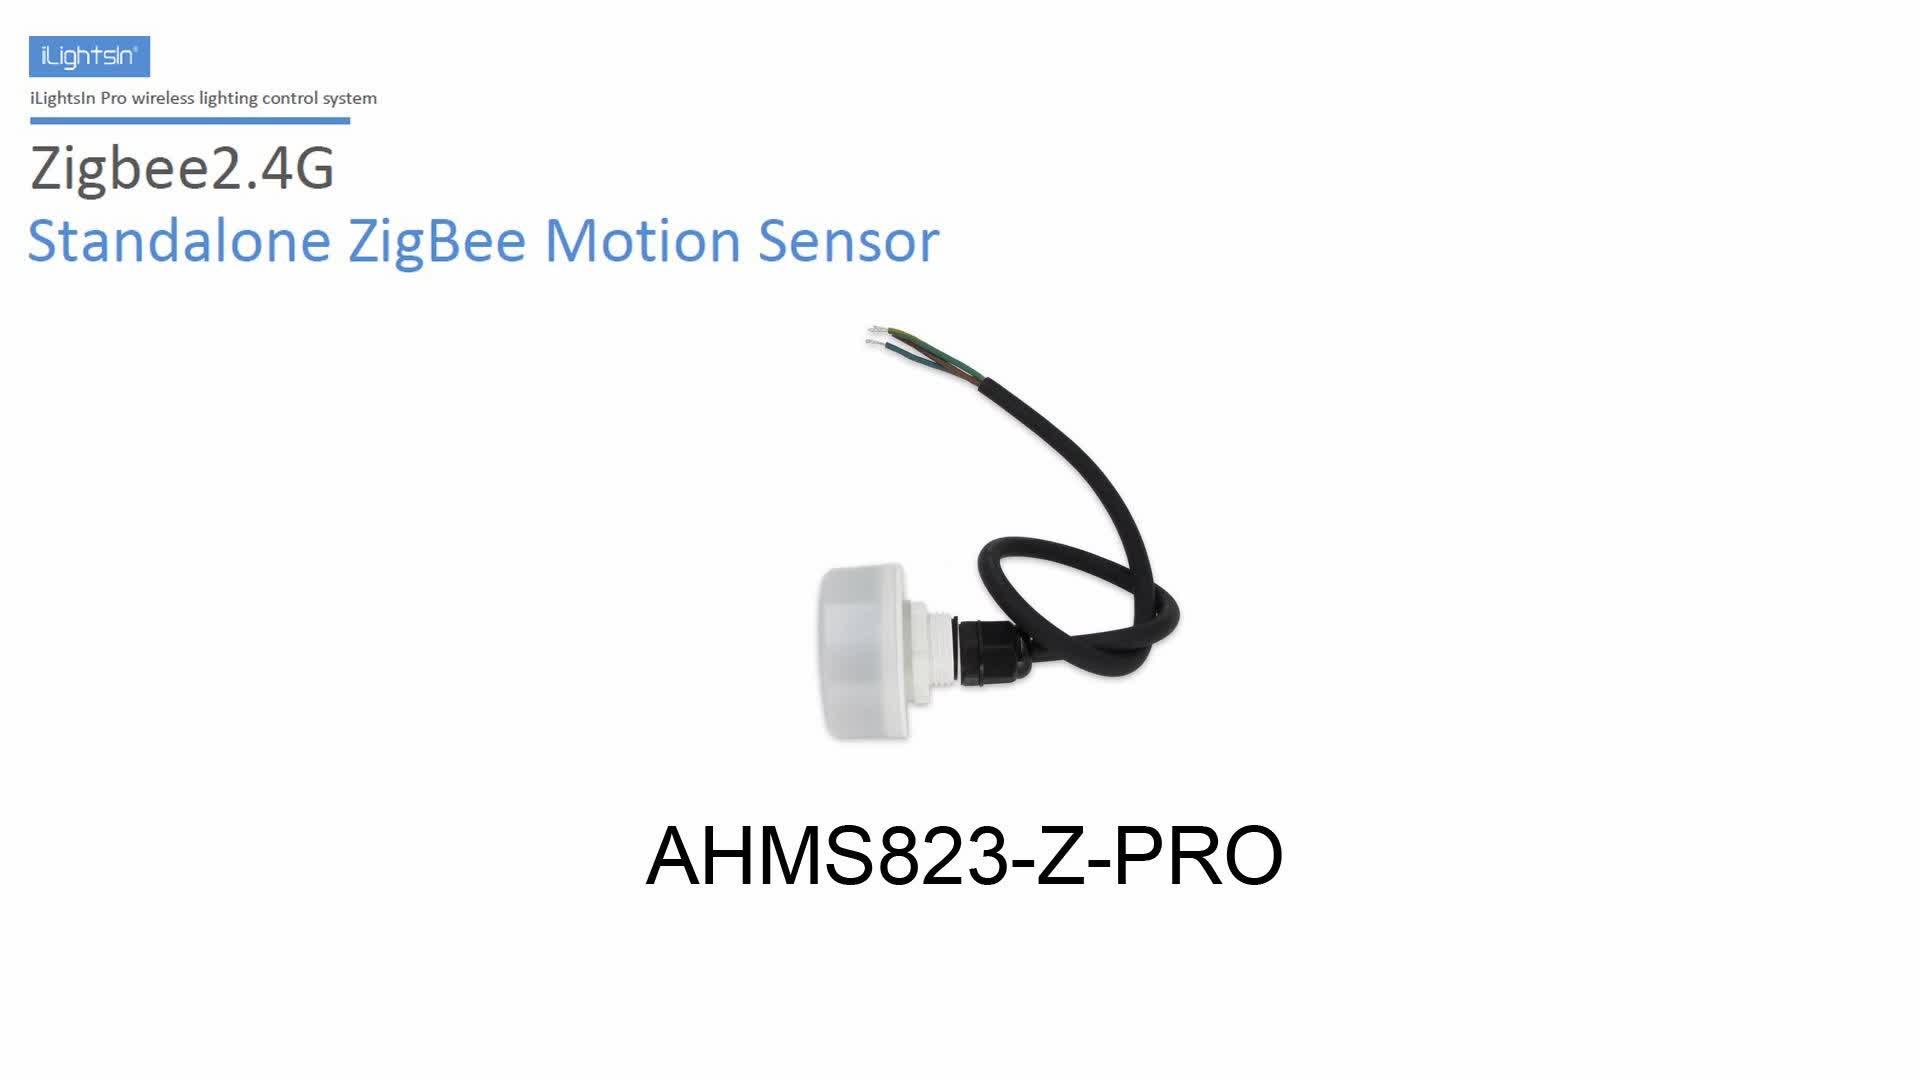 2019 productos OEM Zigbee detector de movimiento de sensor inteligente para habitación APP controlada